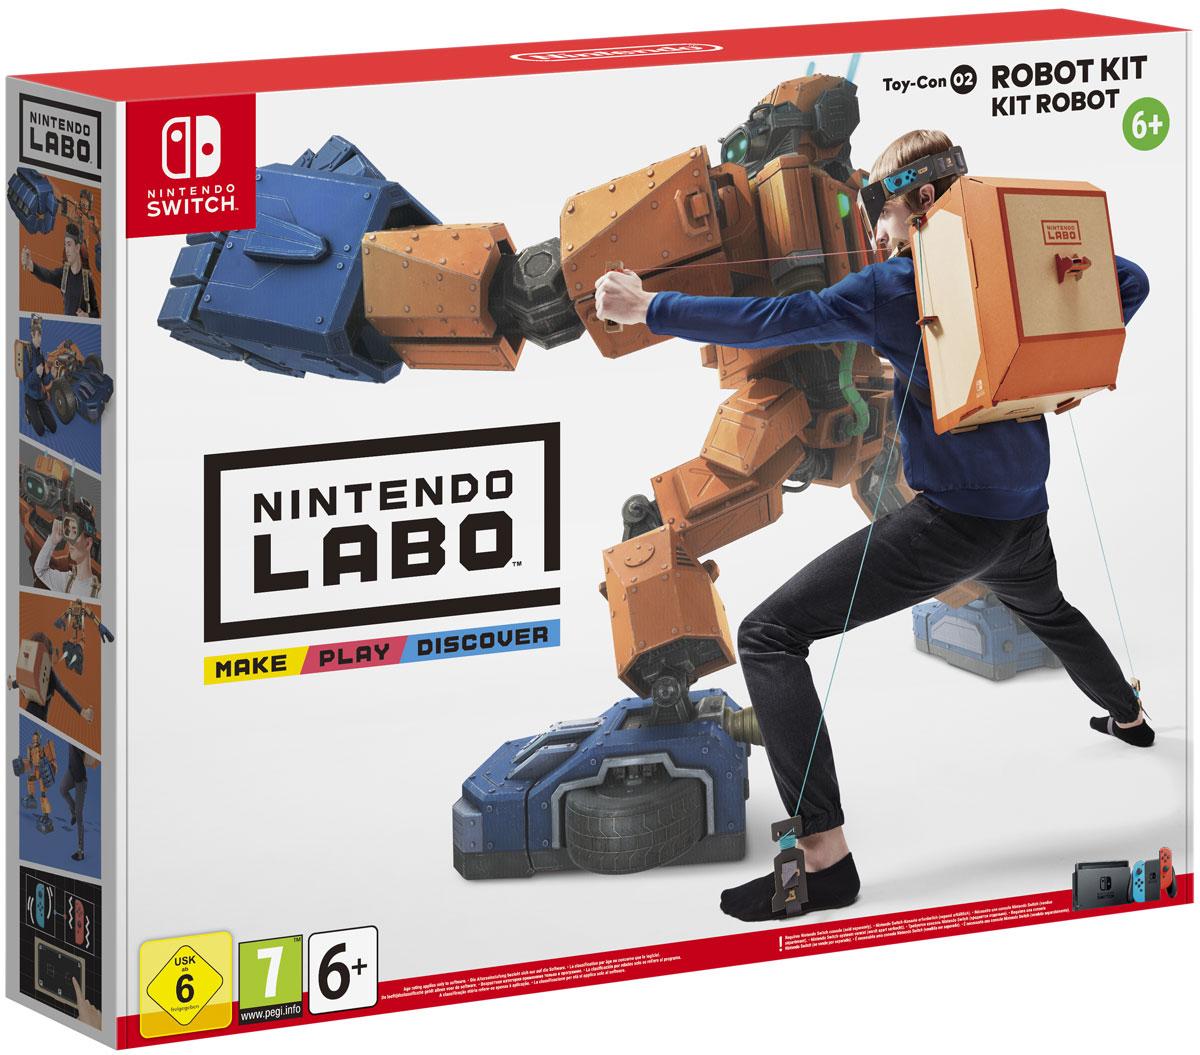 Nintendo Labo: набор Робот045496421595Nintendo Labo пробудит ваше желание творить и исследовать.В сочетании с консолью Nintendo Switch наборы Nintendo Labo предоставляют инструменты и технологии, которыепомогут воплотить ваши идеи в реальность и создавать новые игры.Собирайте аксессуары под названием Toy-Con из модульных картонных листов, которые входят в каждый наборNintendo Labo. Добавьте к ним консоль Nintendo Switch и контроллеры Joy-Con, и тогда аксессуары Toy-Conпревратятся в фортепиано, мотоцикл, робота и т. д. Сам процесс сборки превратится в увлекательную игру. Высможете разобраться, как работает эта технология, и даже изобретать новые способы игры с каждымаксессуаромToy-Con.Из набора «Робот» можно собрать носимый костюм робота. Наденьте костюм, и вы сможете управлять роботомдвижениями своего тела.Устройте настоящий разгром в городе на экране телевизора, к которому подключена консоль Nintendo Switch. Высможете разрушать абсолютно всё: здания, машины и даже НЛО.Робот сможет трансформироваться в автомобиль и в самолет, открывая перед вами новые перспективы и игровыевозможности.Все необходимое уже включено в набор: игровая карта Nintendo Switch, картонные листы, листы с наклейками,шнуры и люверсы. Для сборки аксессуаров Toy-Con клей или ножницы не требуются.